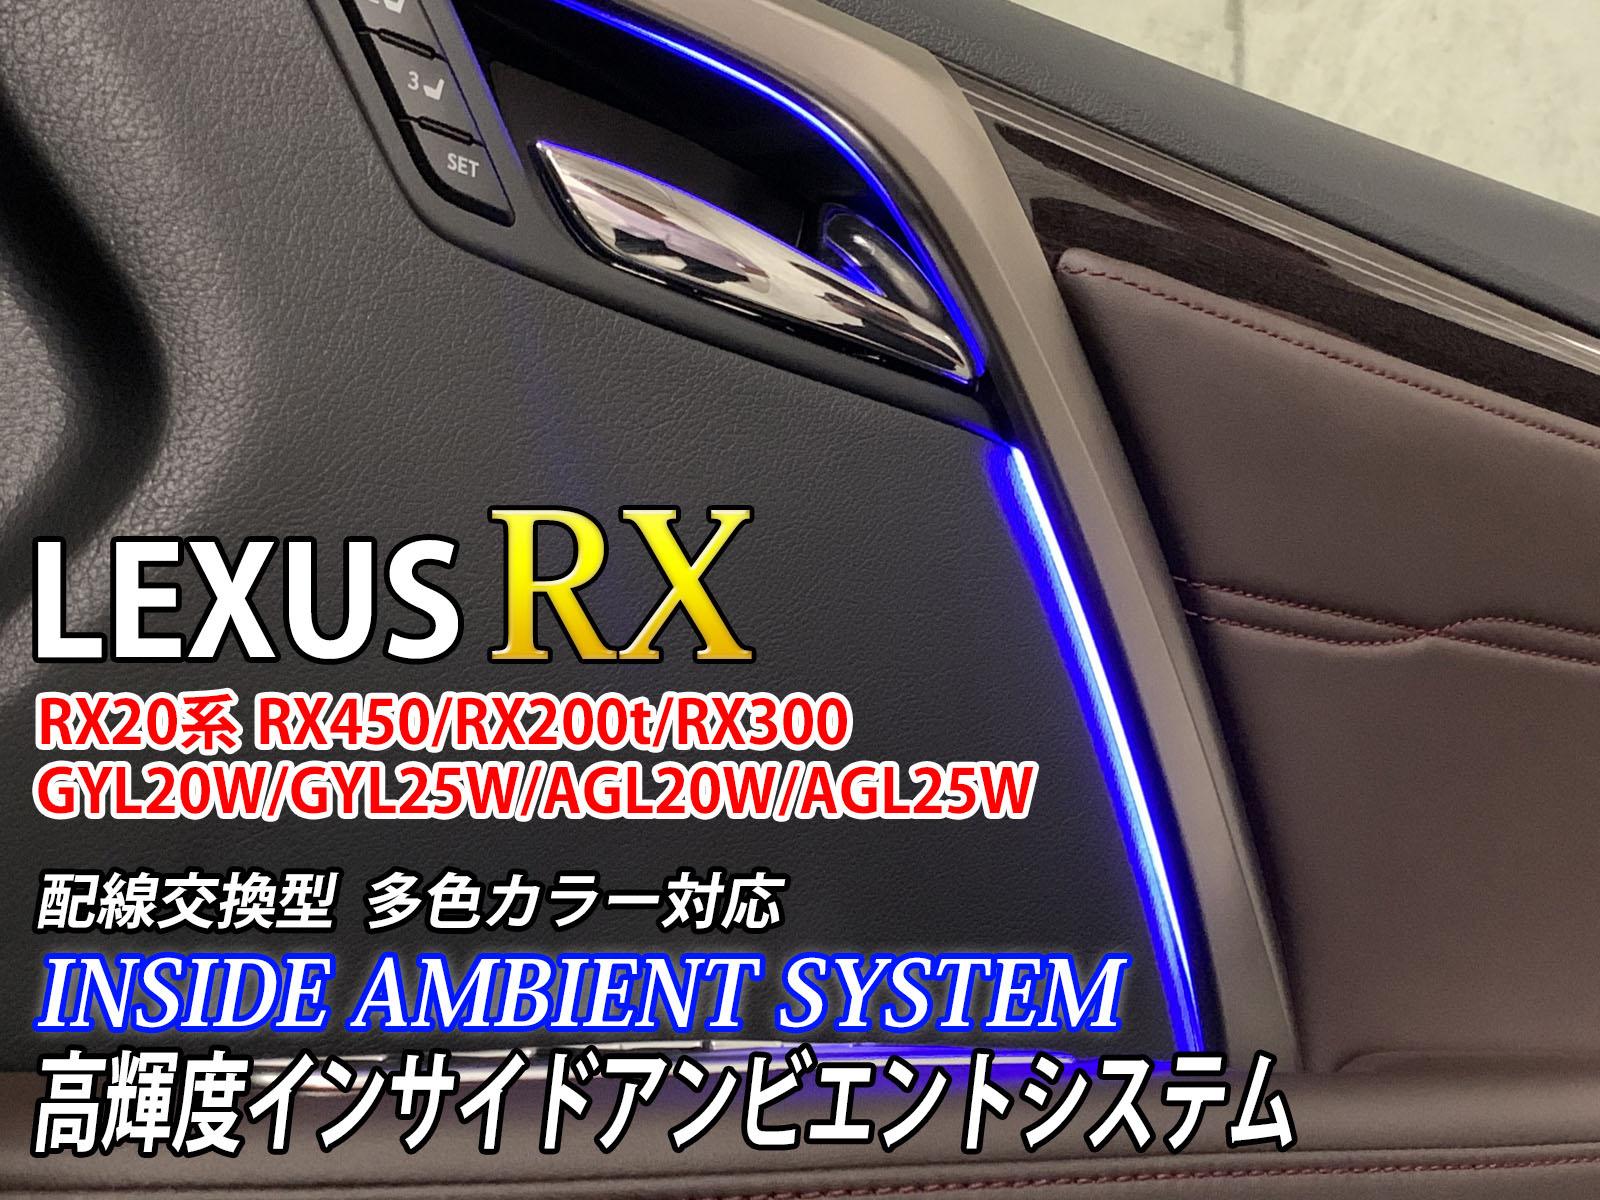 RXインサイドアンビエントシステム配線一式